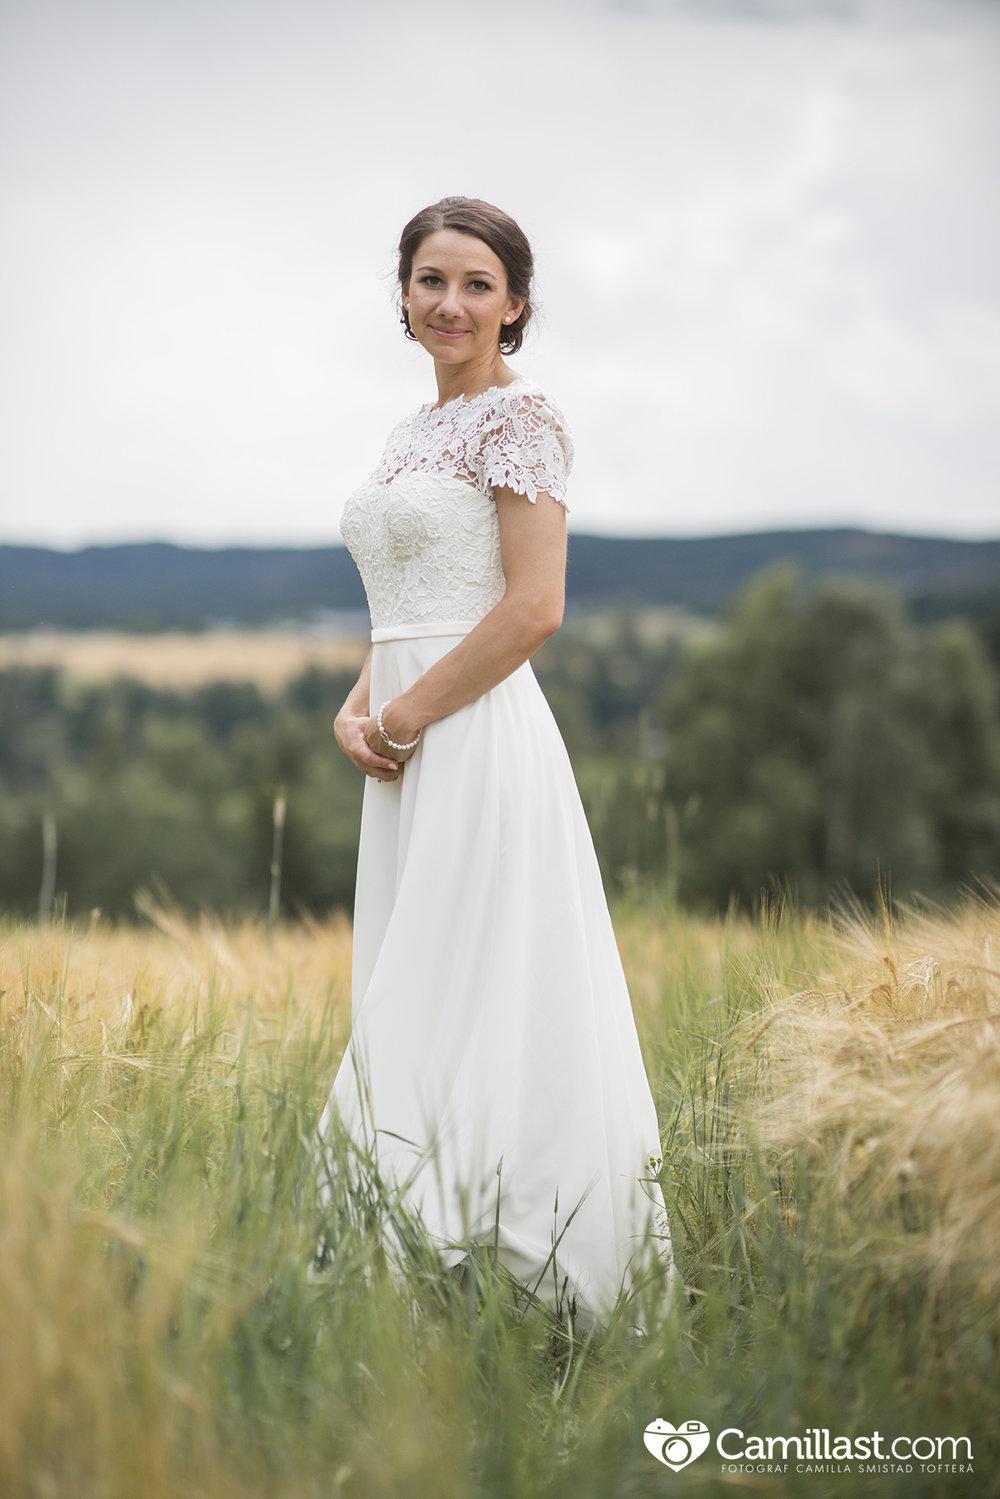 Fotograf_CamillaST_Bryllup 2017_Hilde_HansMartin_293 copy.jpg